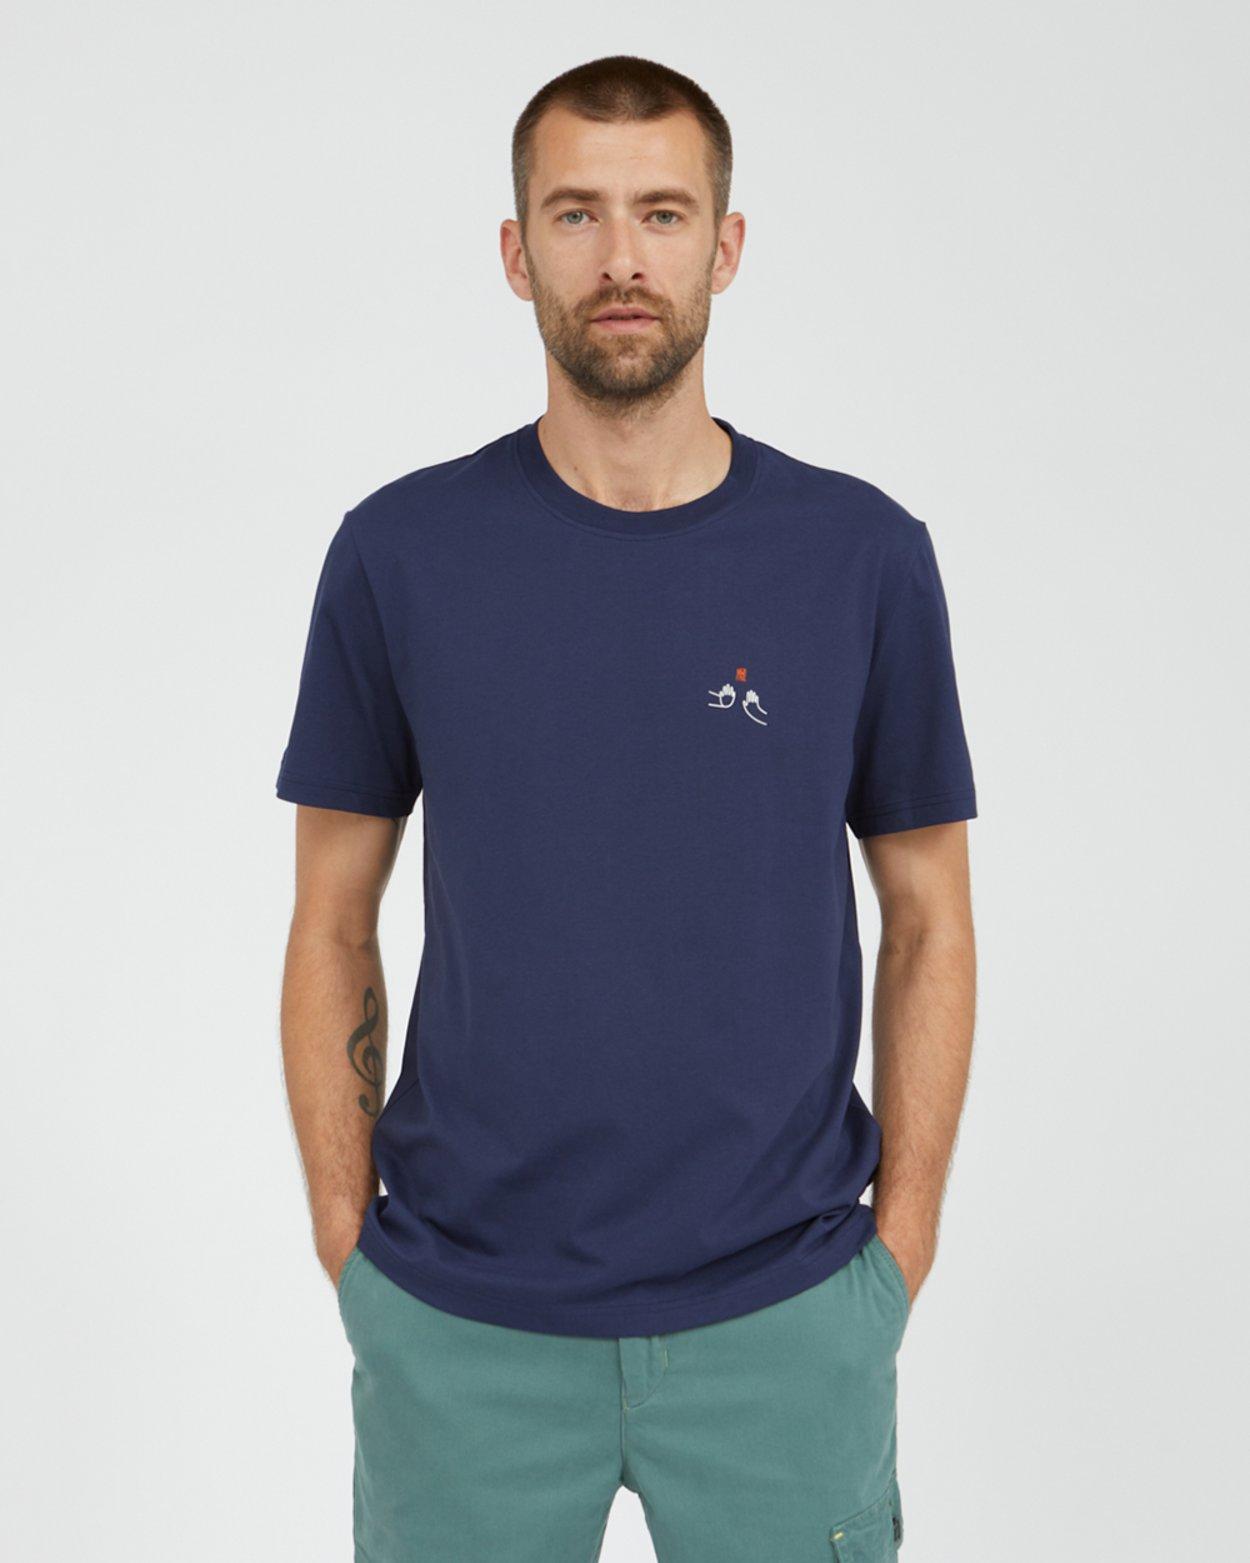 Aado Check T-Shirt